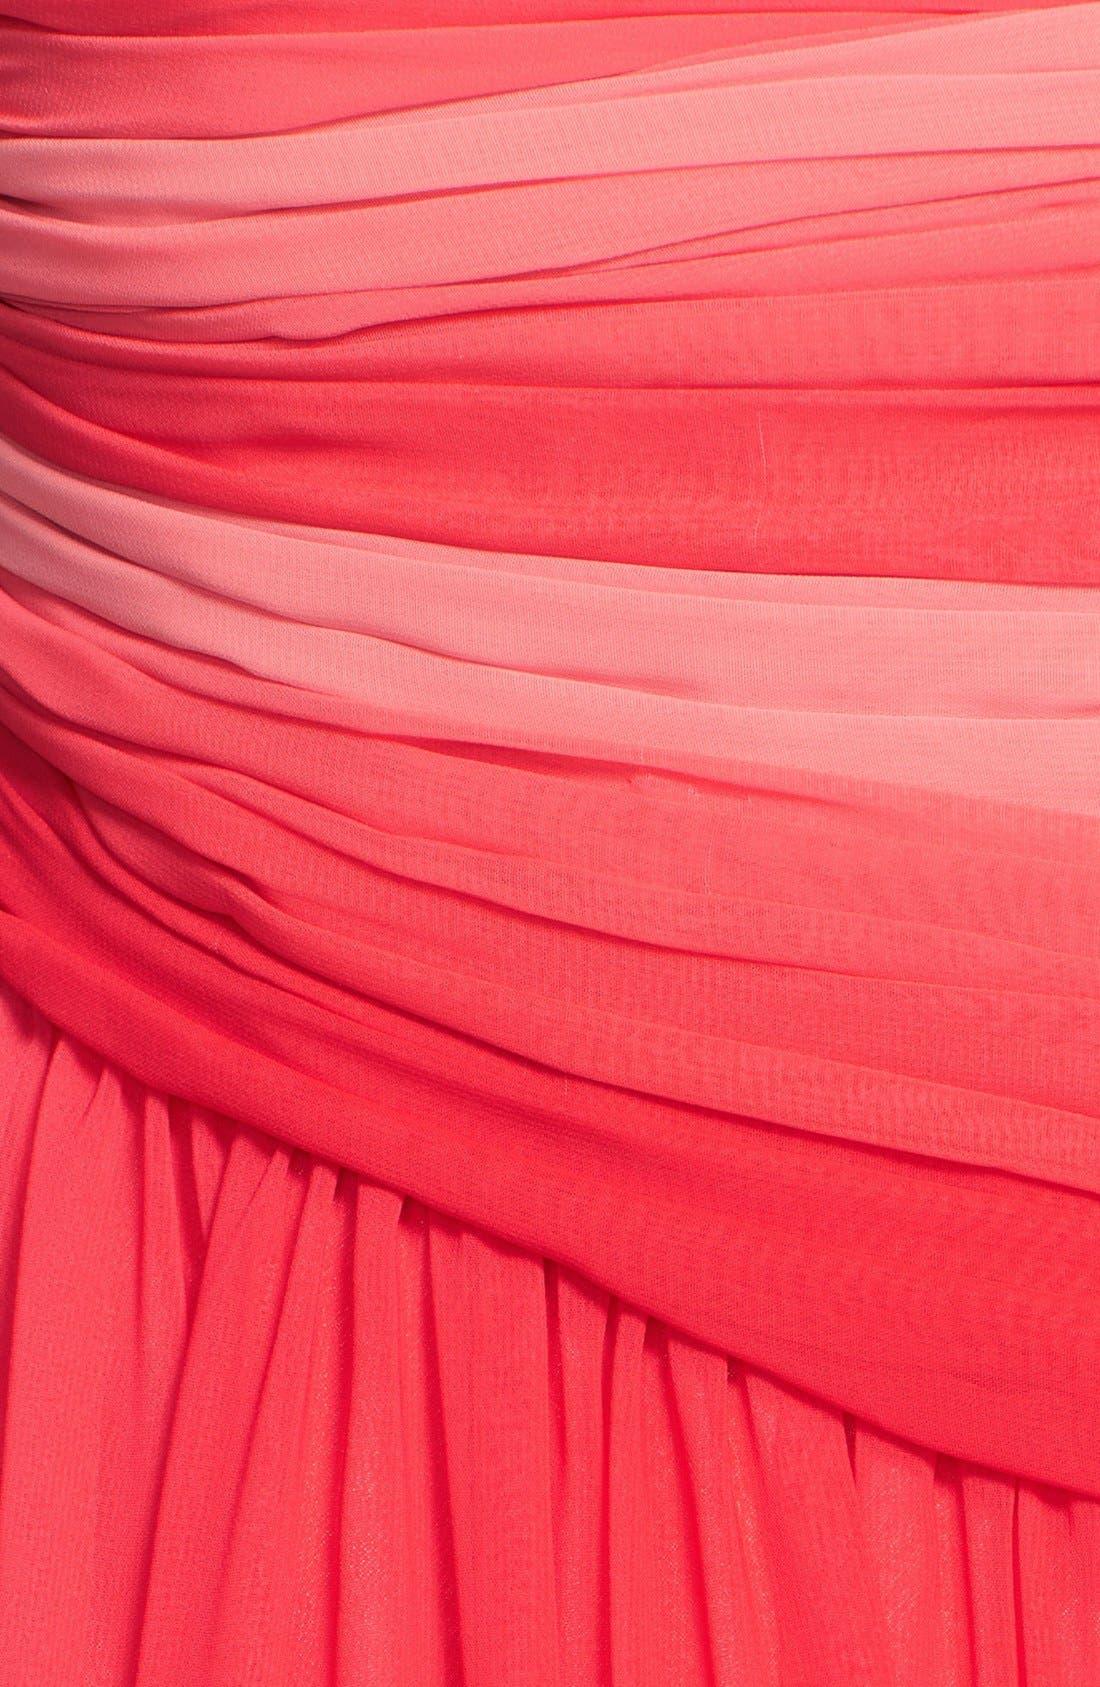 Alternate Image 3  - ML Monique Lhuillier Bridesmaids Ombré Chiffon Gown